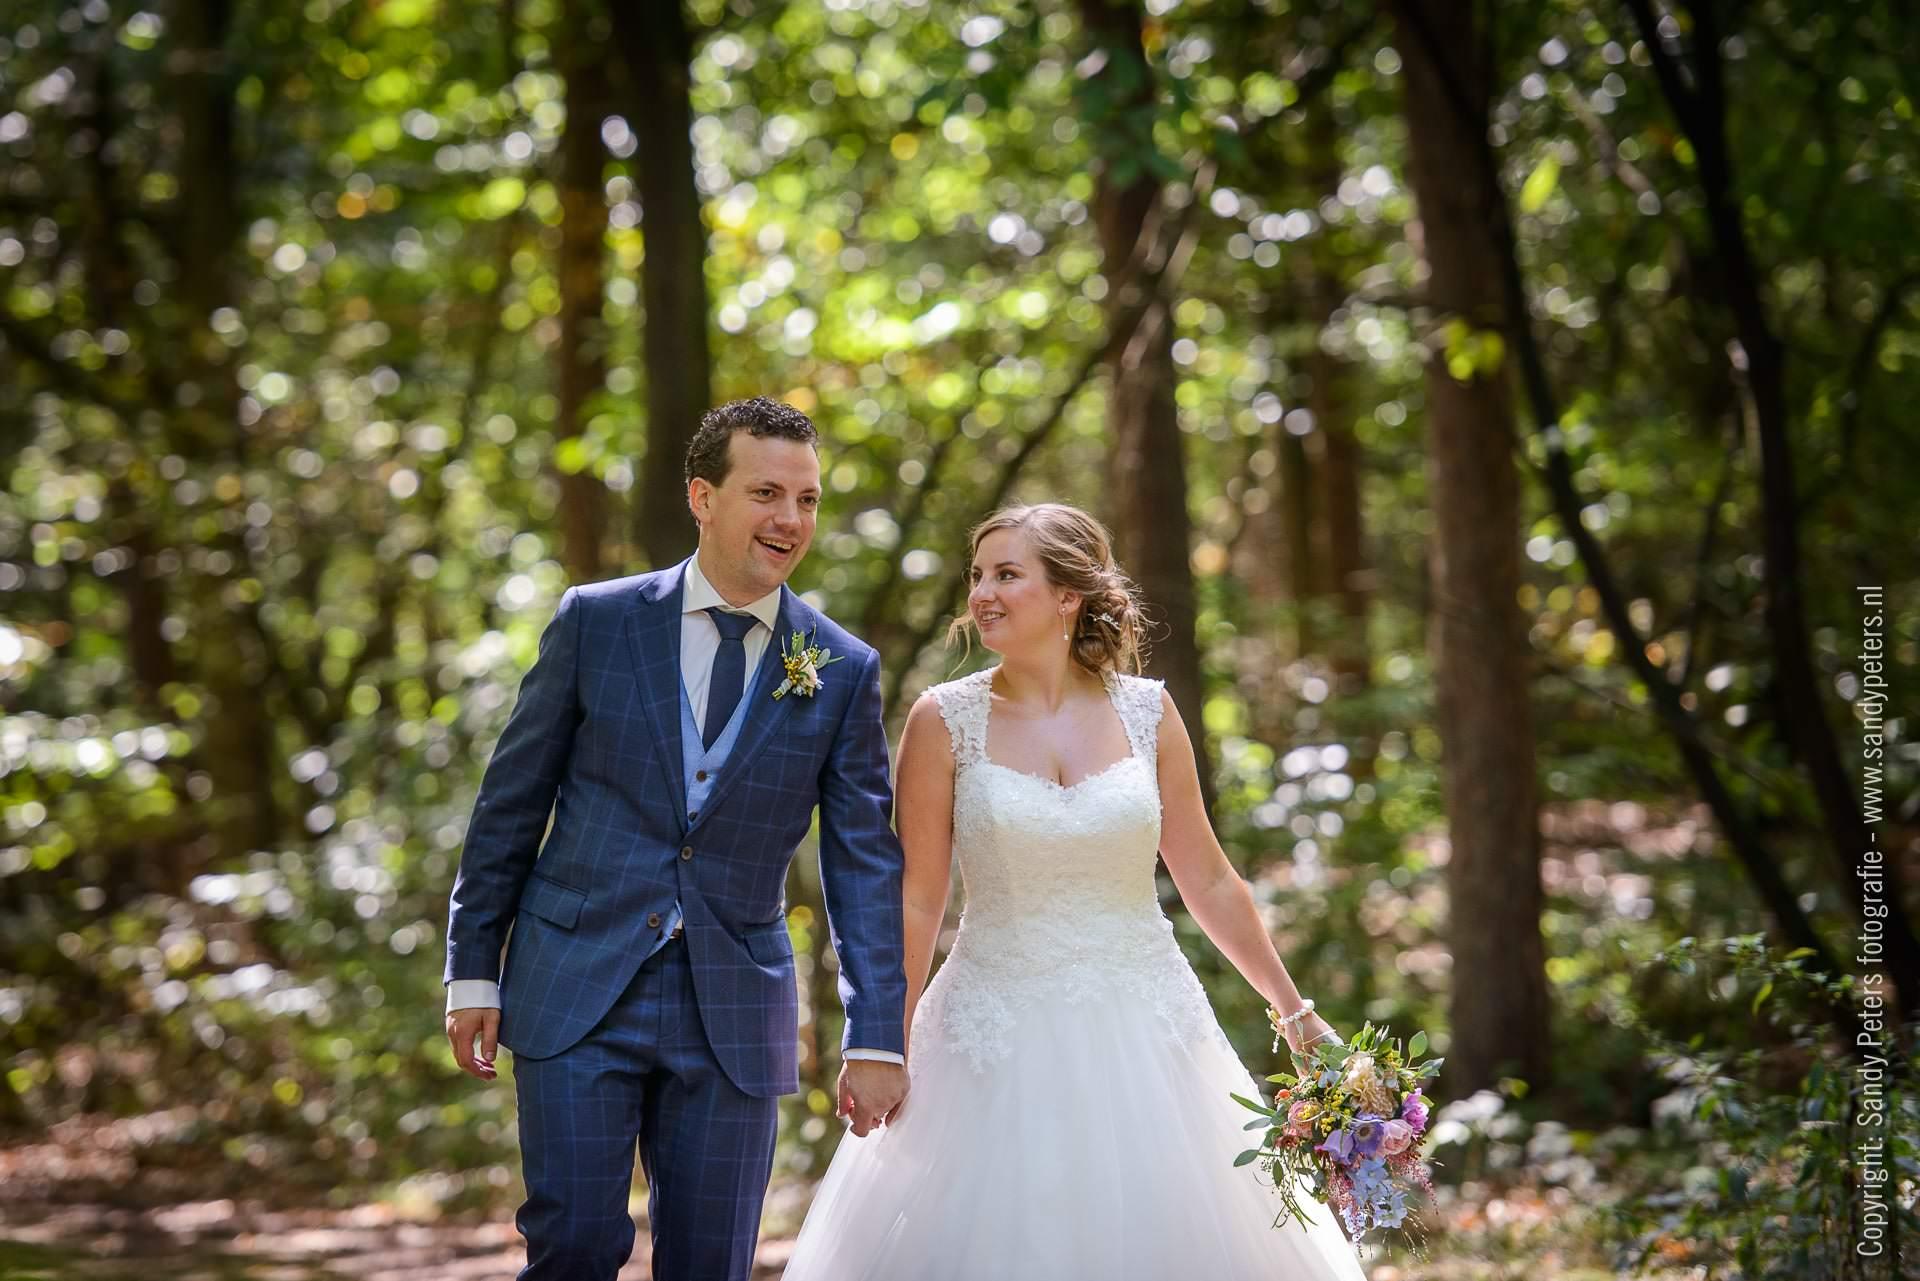 Bruiloftsfotografie Meneer van Eijck in Oisterwijk door bruidsfotograaf Sandy Peters uit Brabant